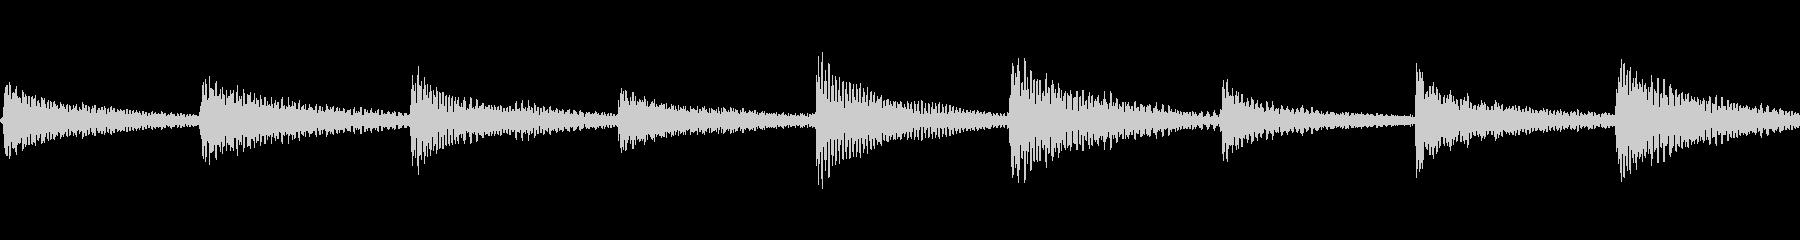 生楽器録音 癒しのカリンバループの未再生の波形